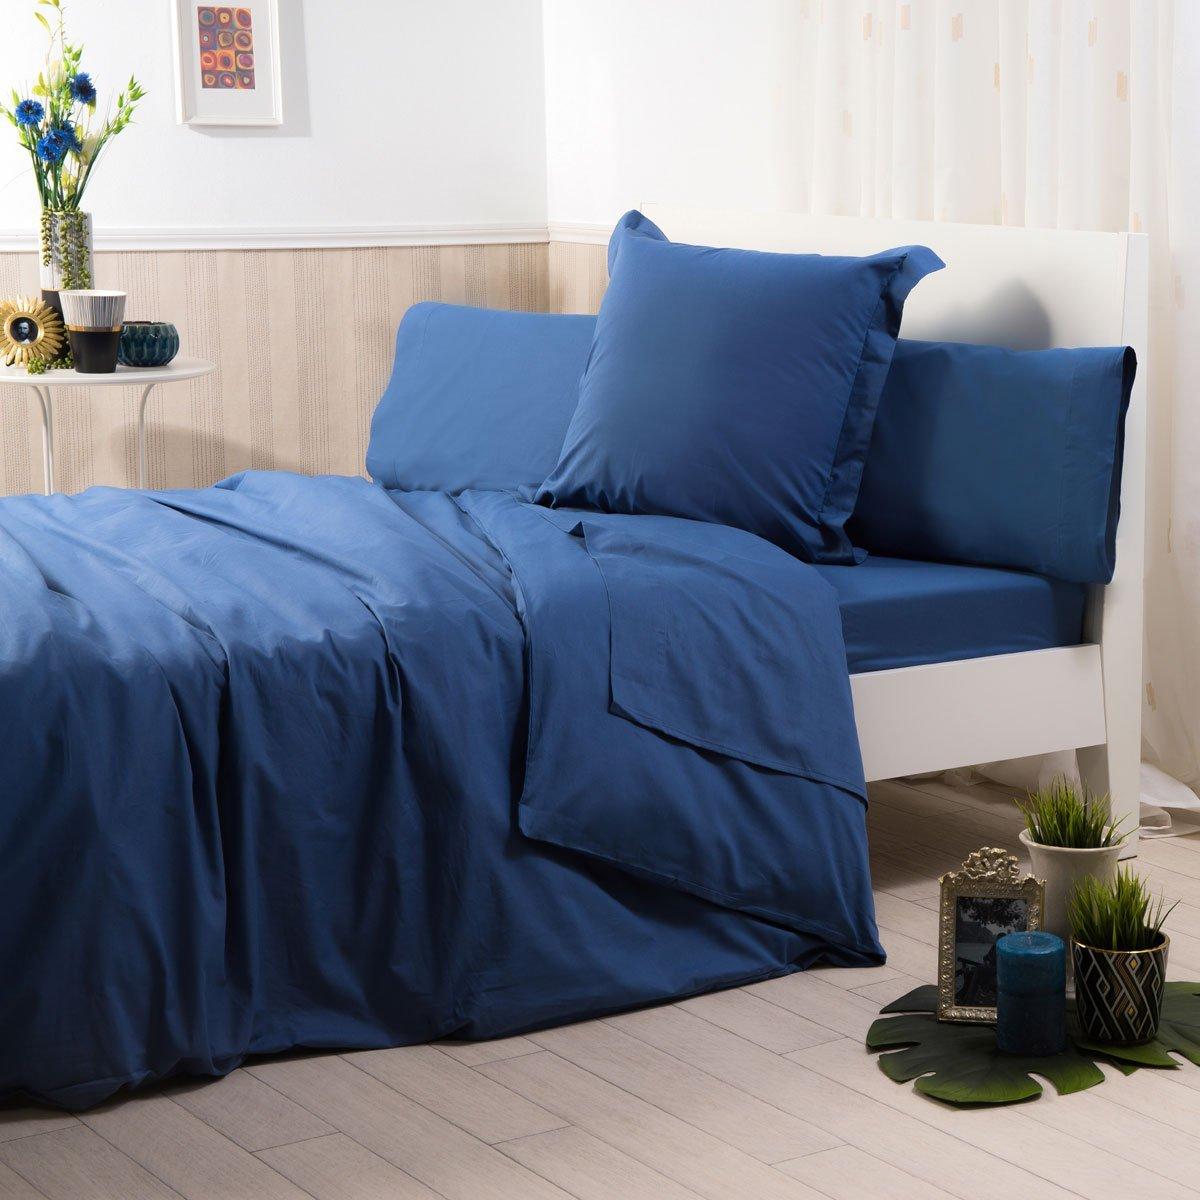 Sancarlos - Funda de almohada para cama, 100% Algodón percal, Color azul marino, Cama de 150 cm: Amazon.es: Hogar